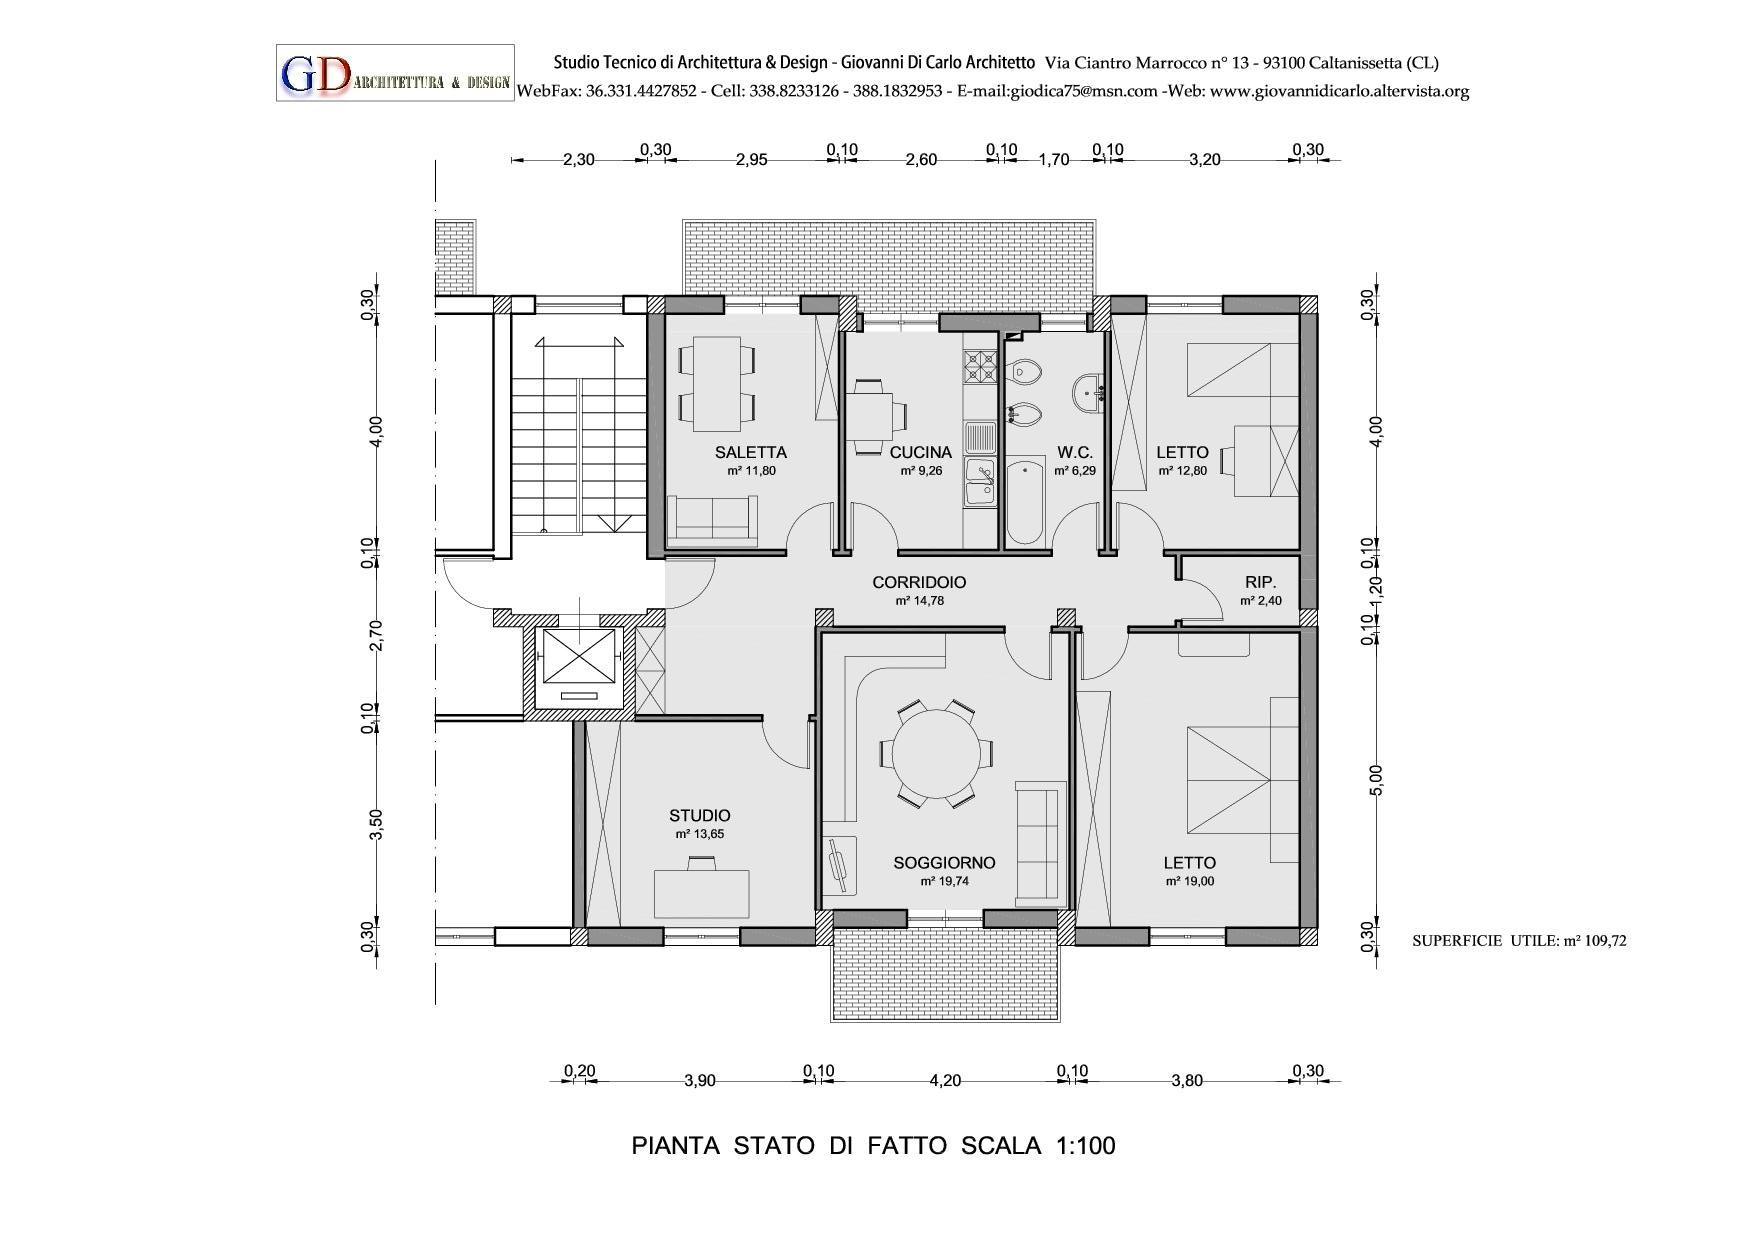 Vendita online di lenzuola biancheria intima e da corredo for Consulenza architetto online